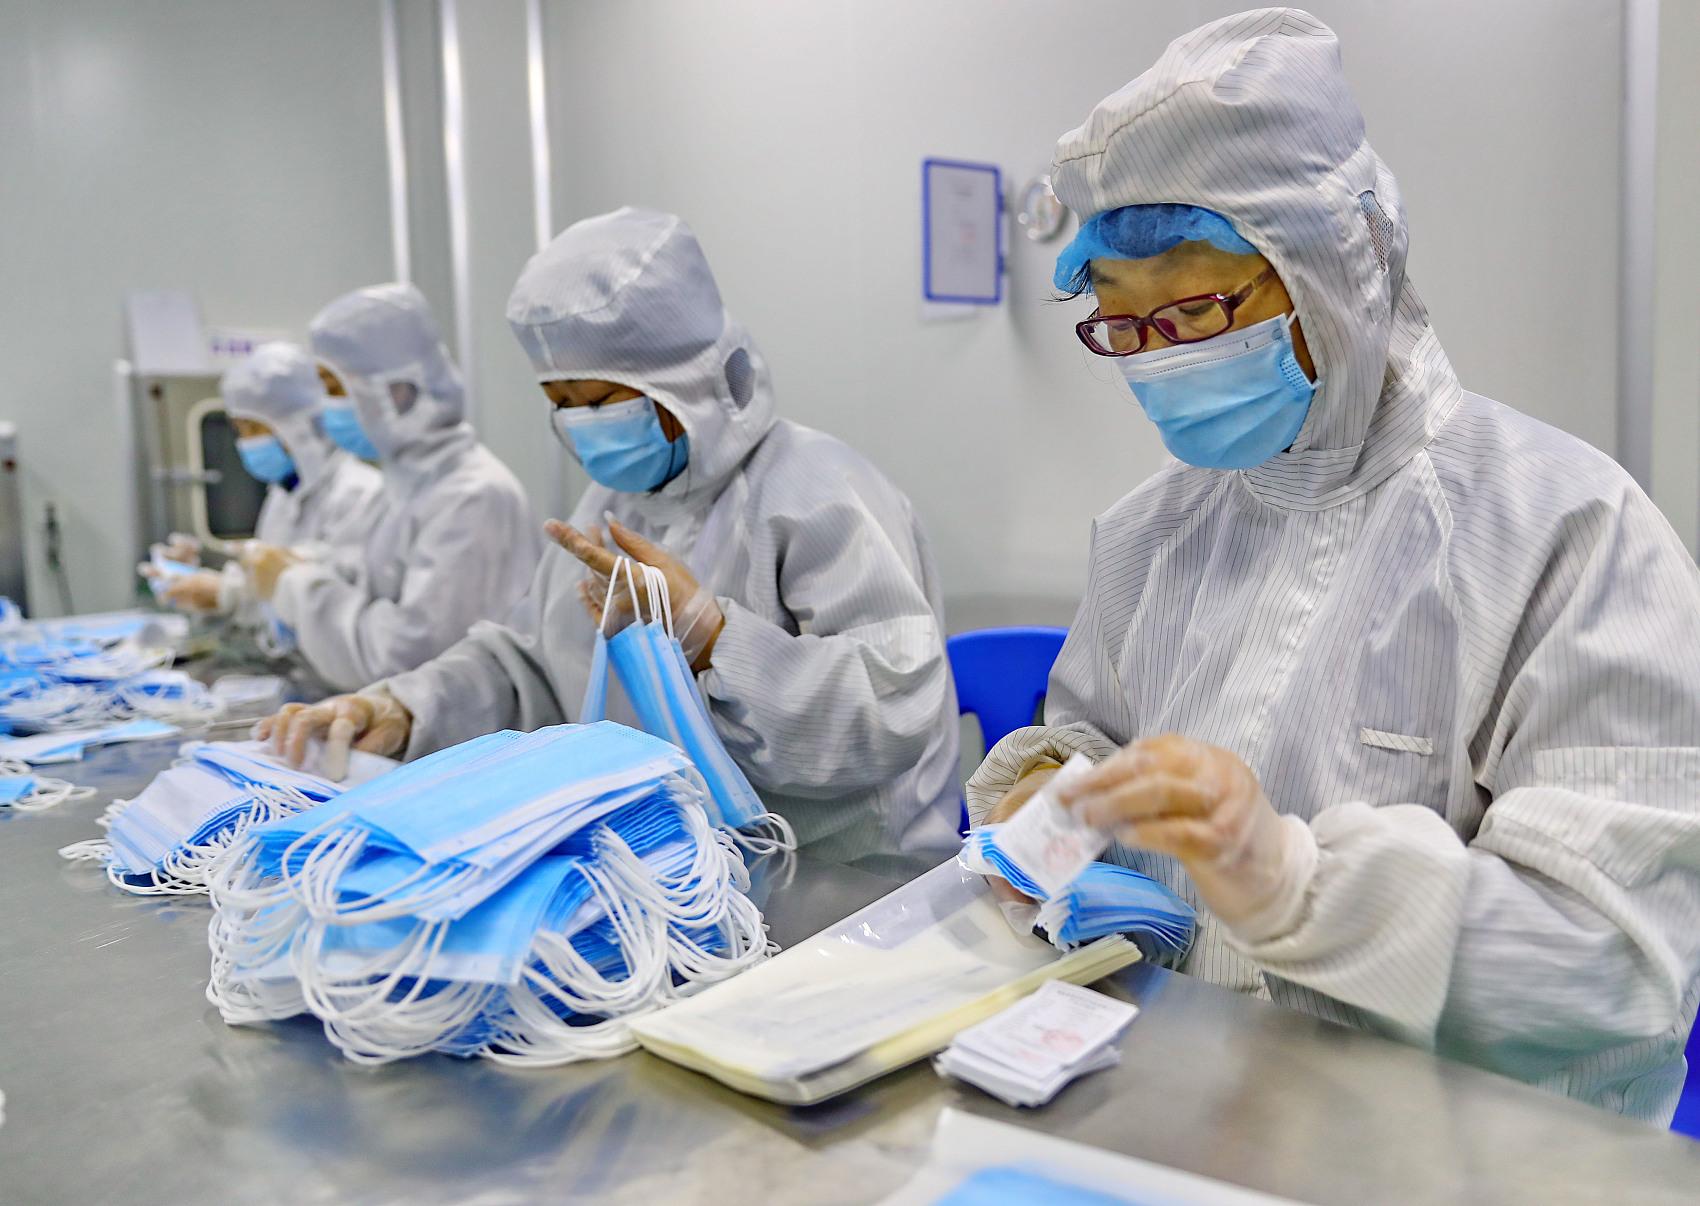 Beijing's medical supply exports soar in 2020